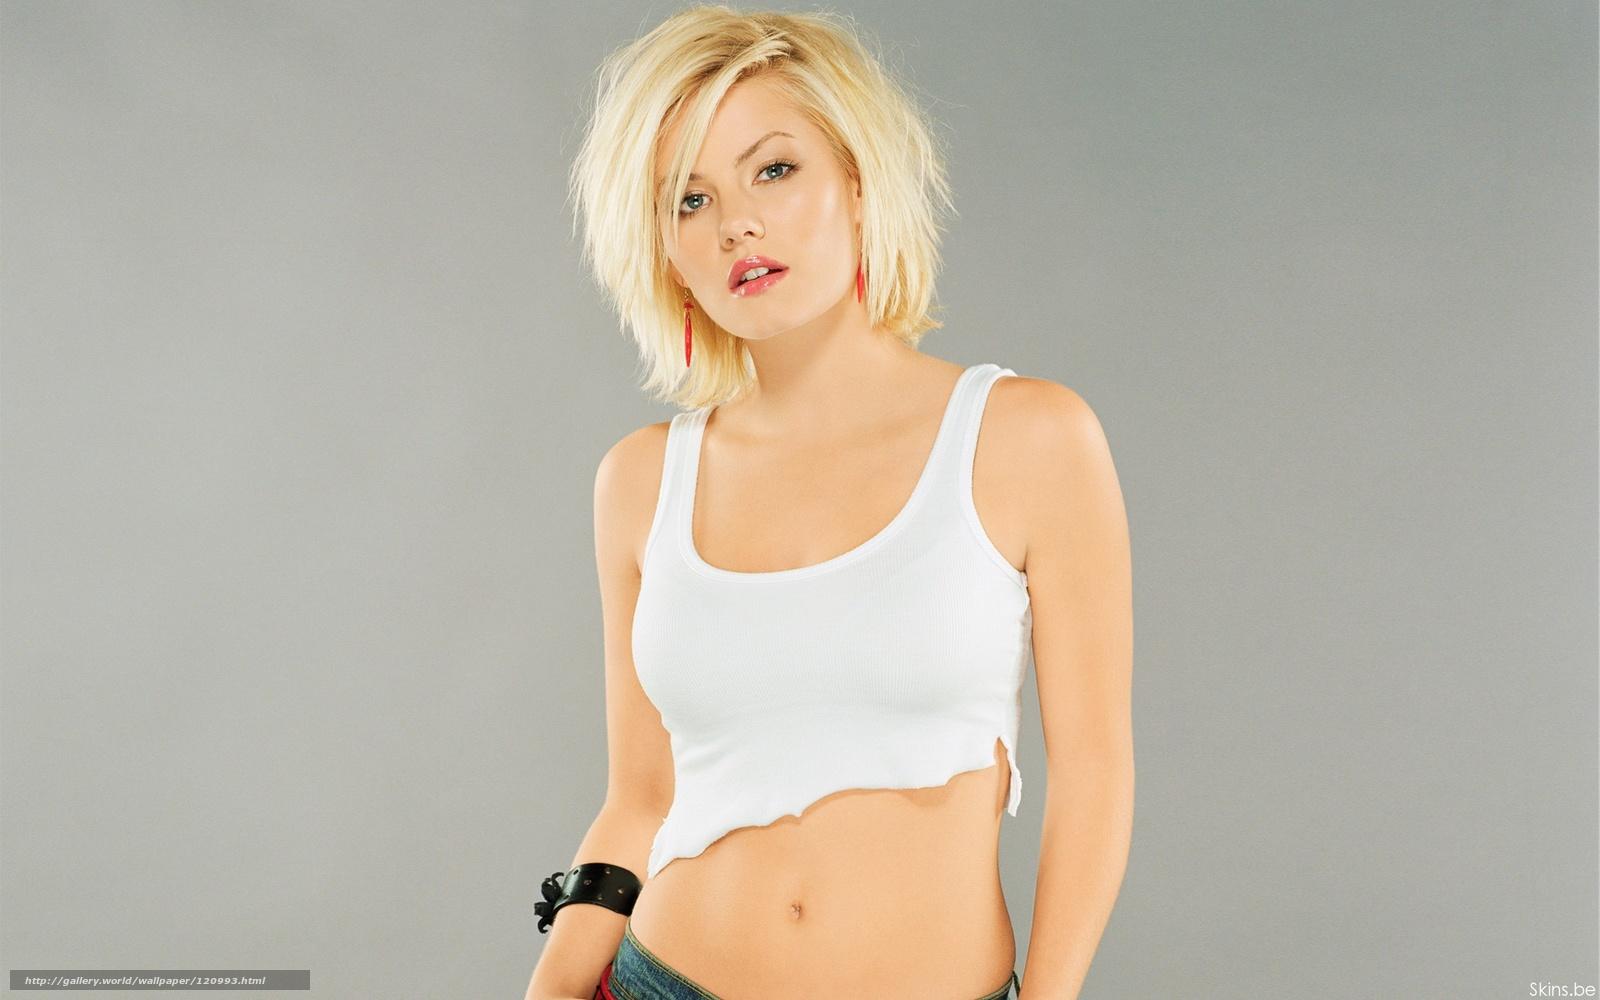 Трахает красивою молоденькую девочку русскую 9 фотография